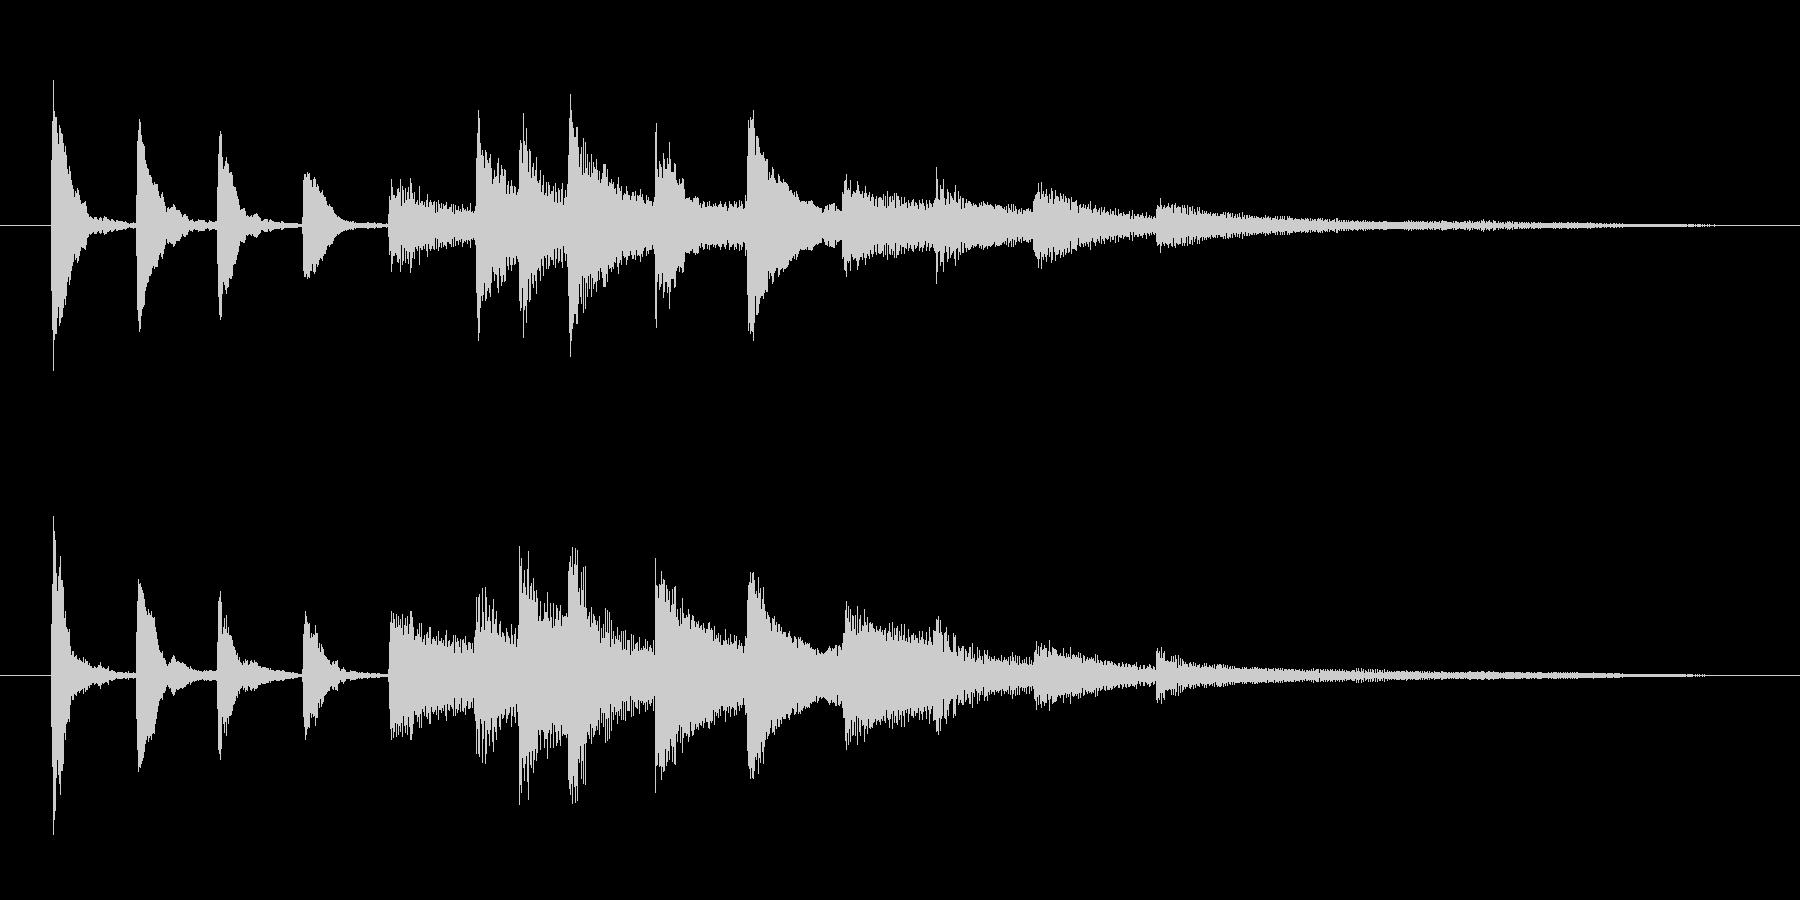 コミカルな ピアノのジングルの未再生の波形